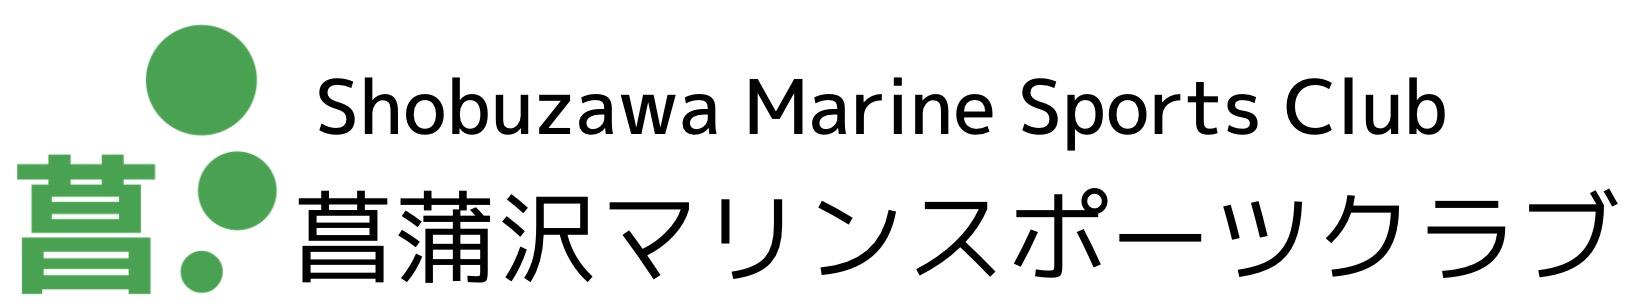 菖蒲沢マリンスポーツクラブ